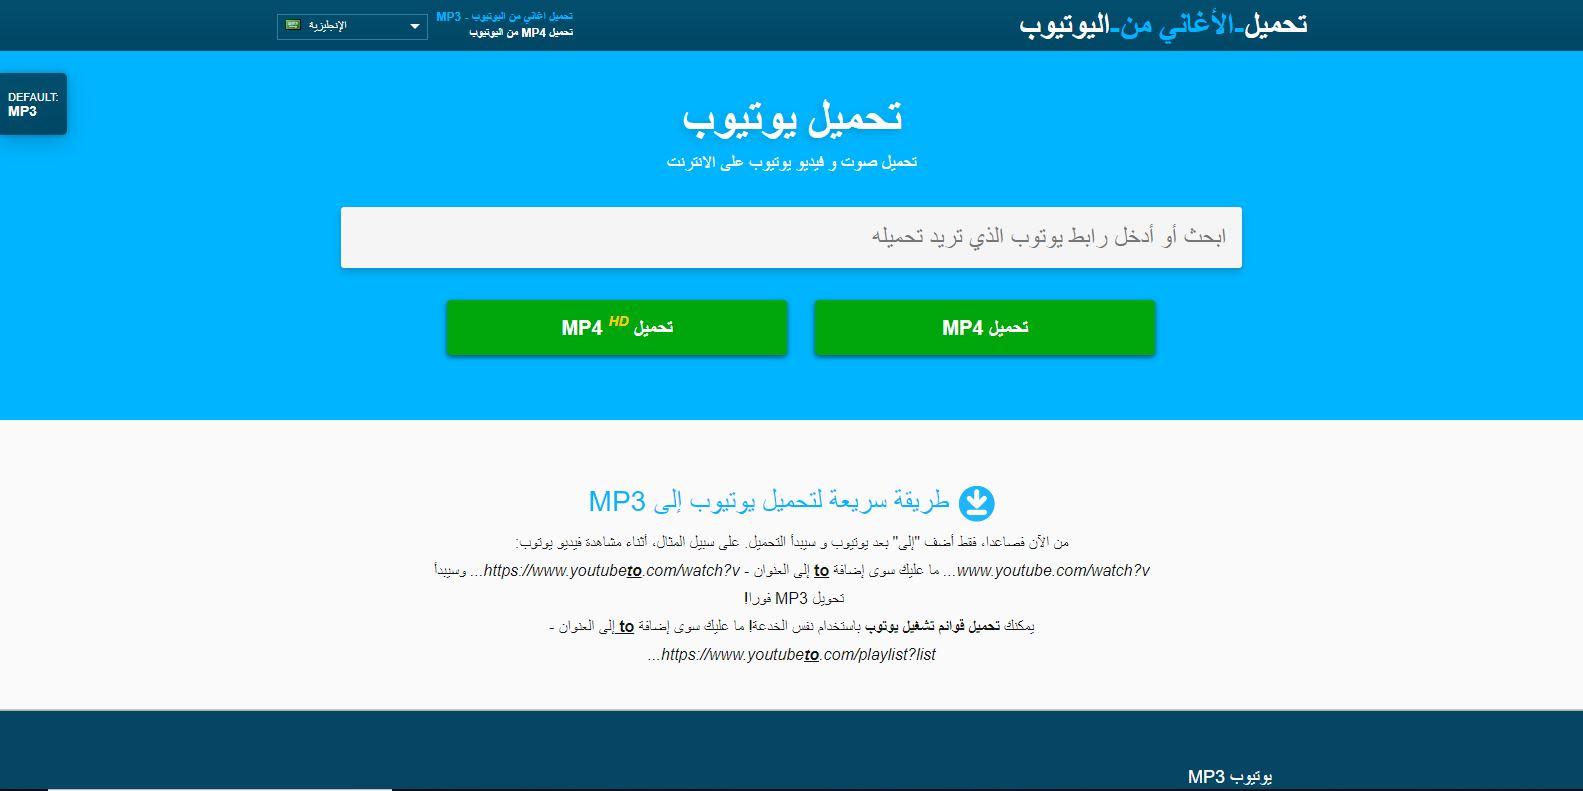 تحميل برنامج قص الاغانى mp3 بالعربي مجانا